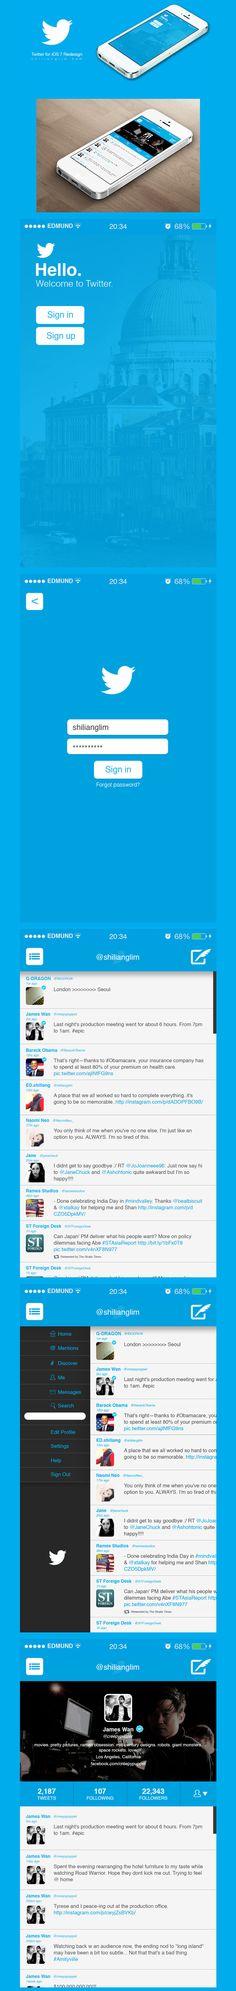 Daily Mobile UI Design Inspiration #109